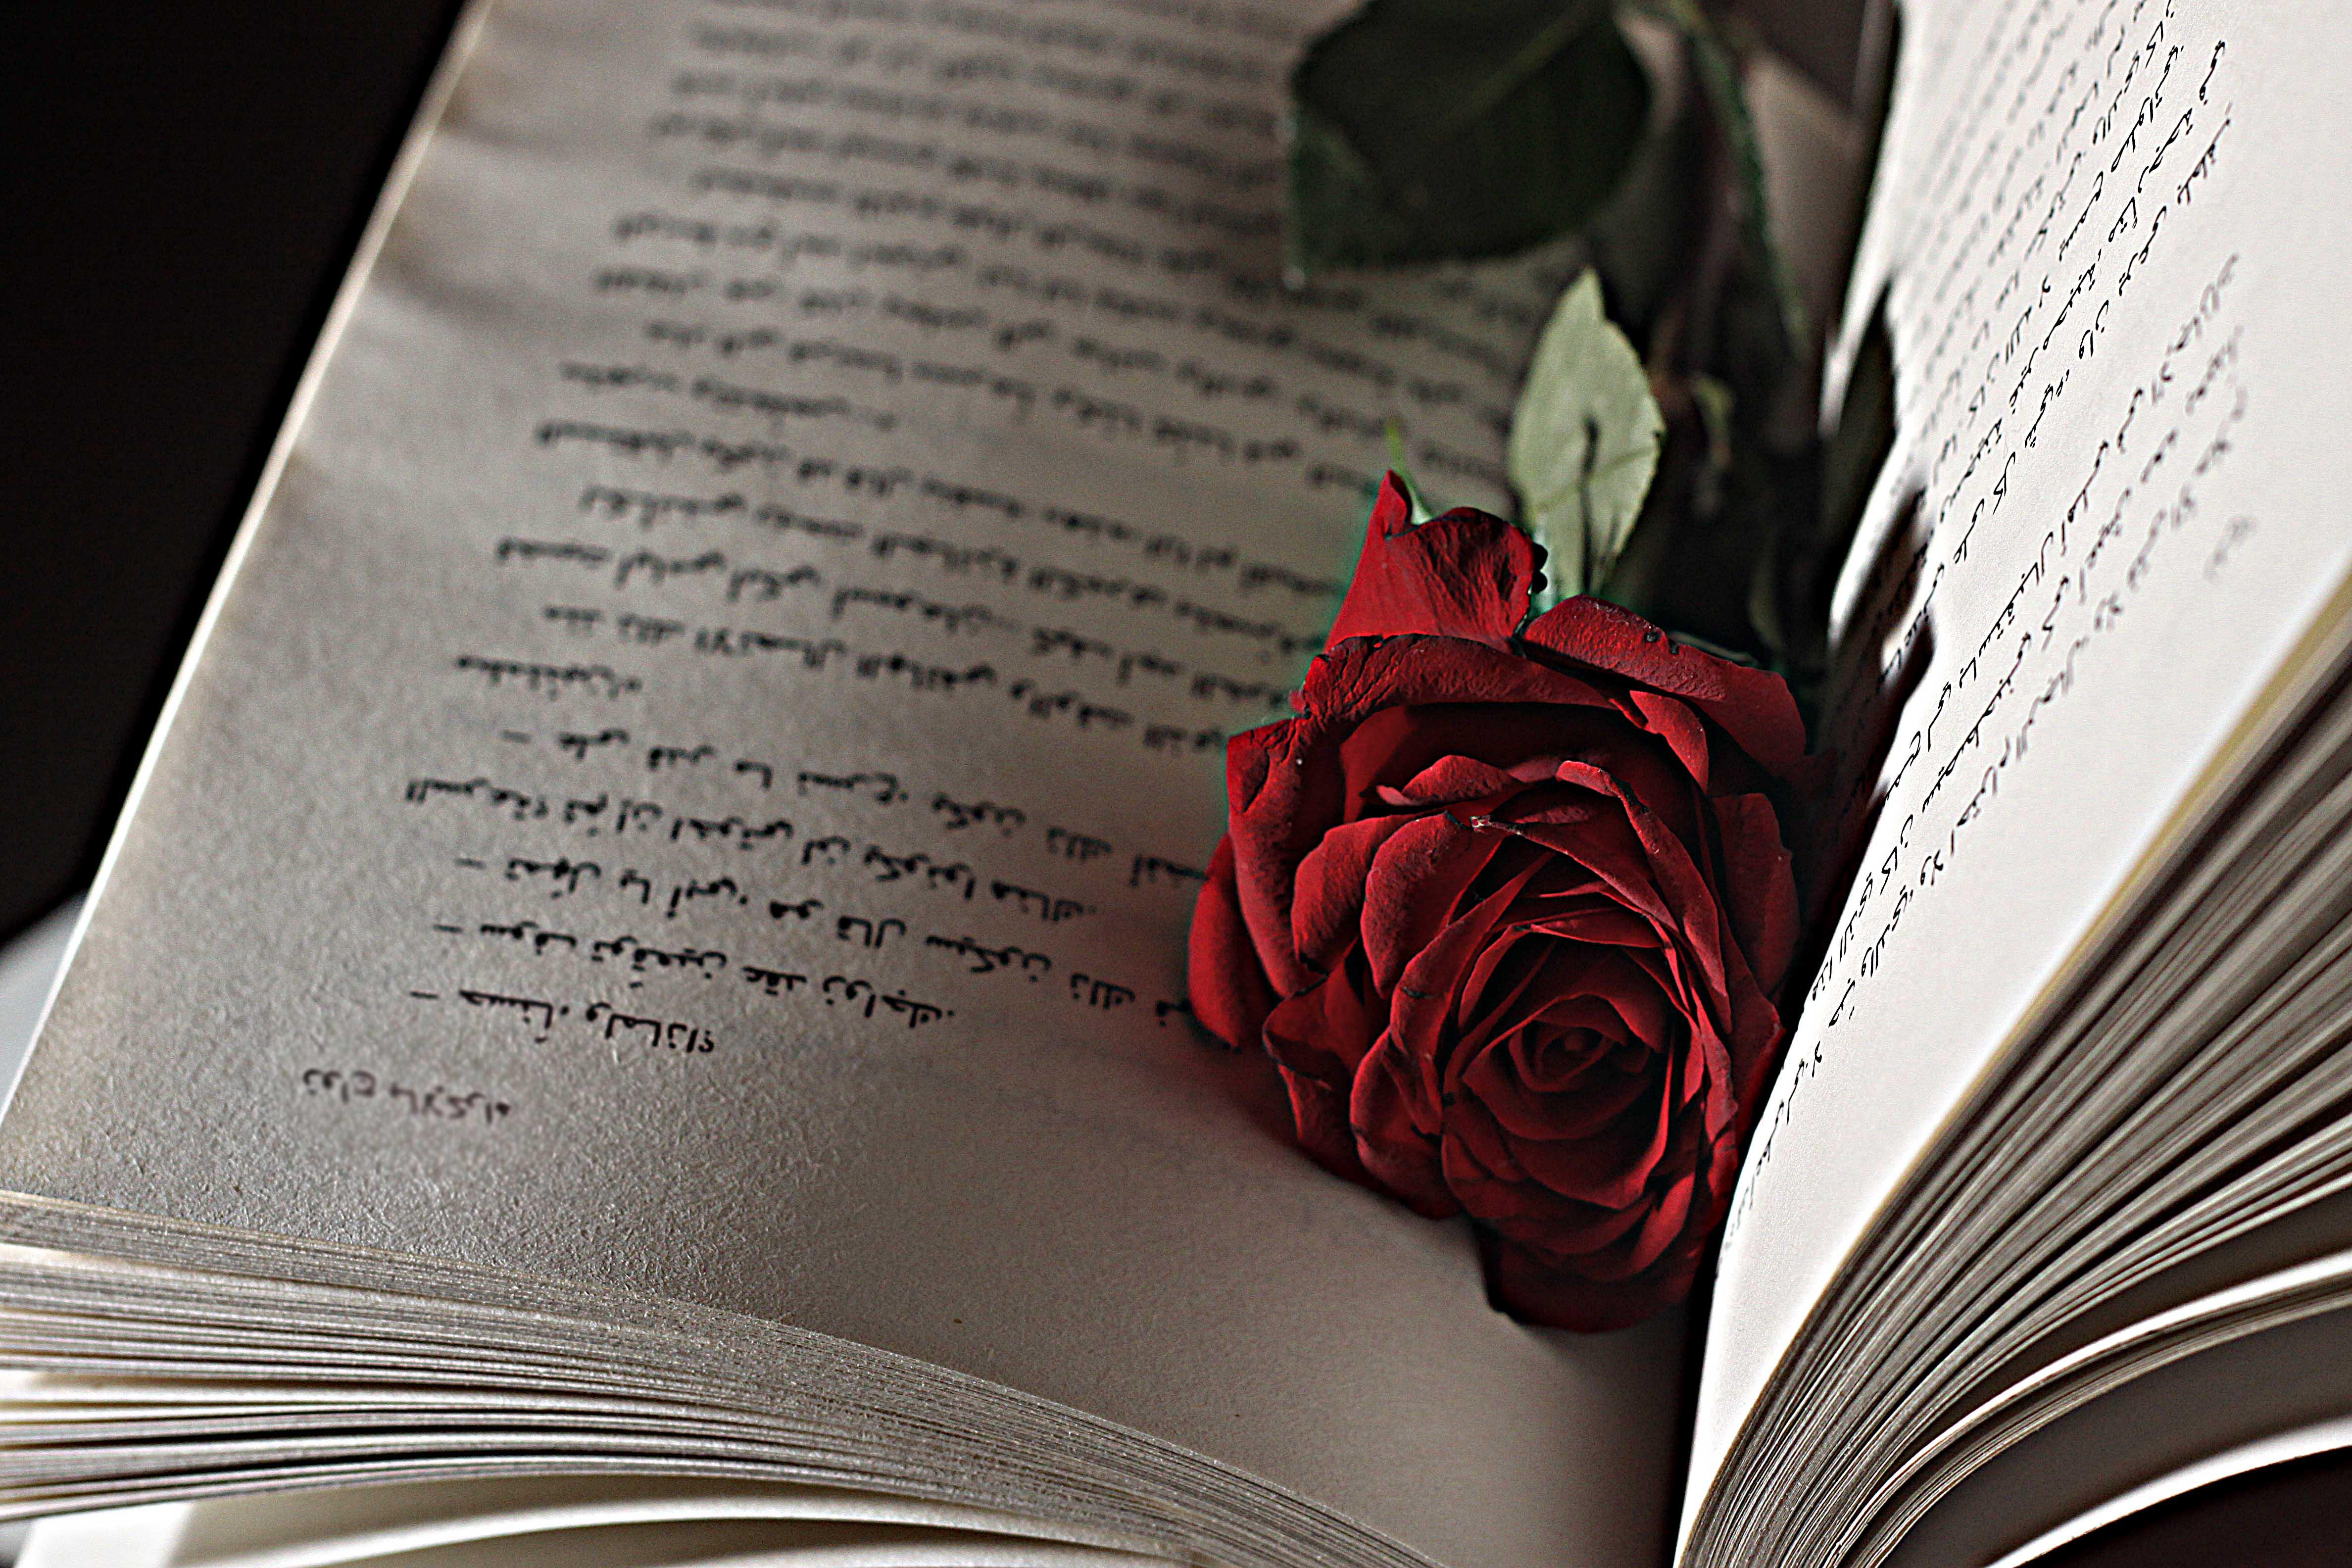 Картинки с черными розами и книгой, для свекра днем